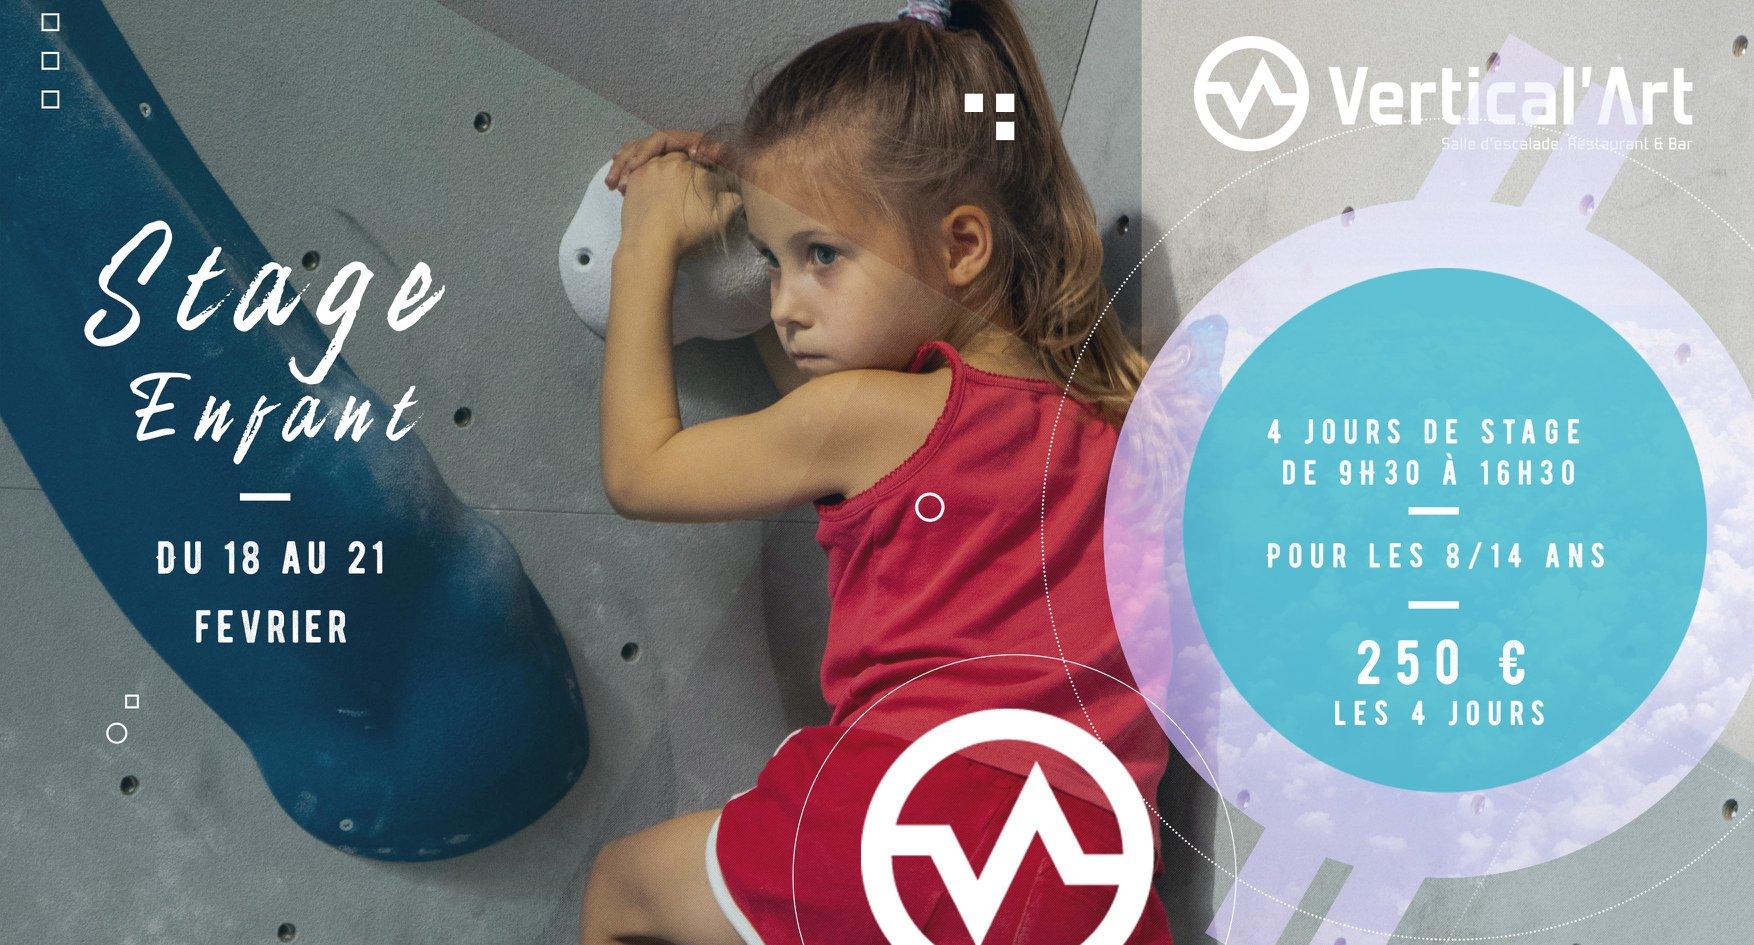 stage enfant à Vertical'Art Nantes - vacances - salle d'escalade restaurant et bar - jeu - grimpe - entrainement - moniteur diplômé -